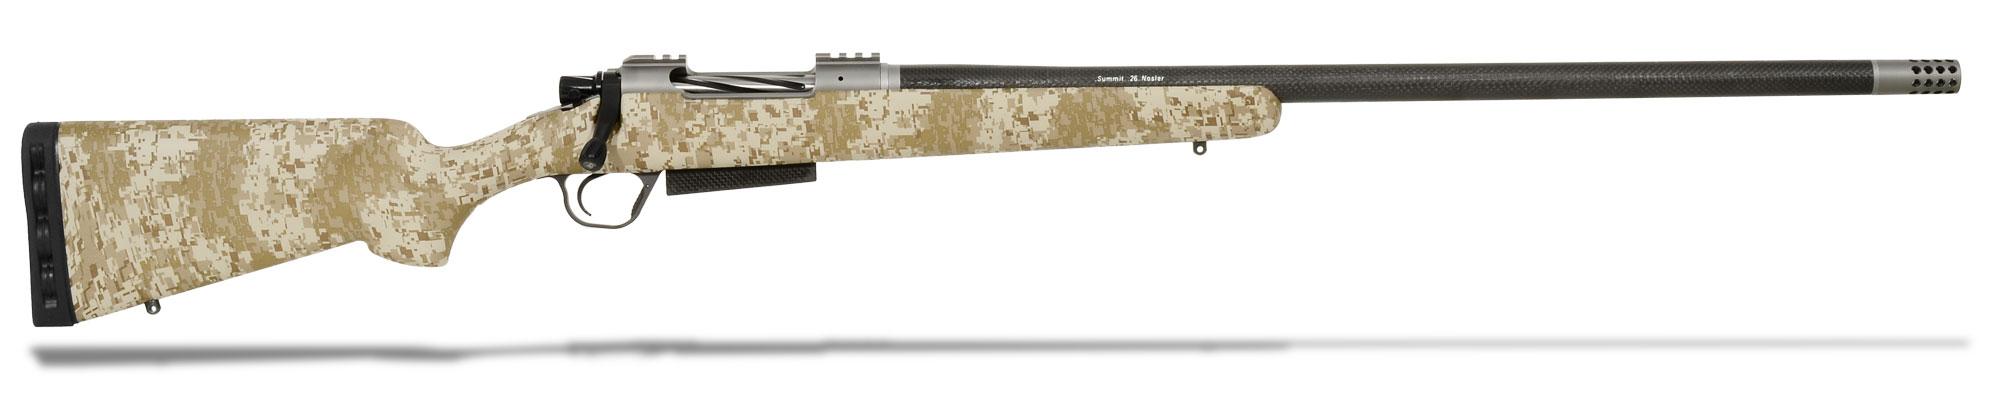 Christensen Arms Summit CF Titanium 26 Nosler Desert Digital Rifle